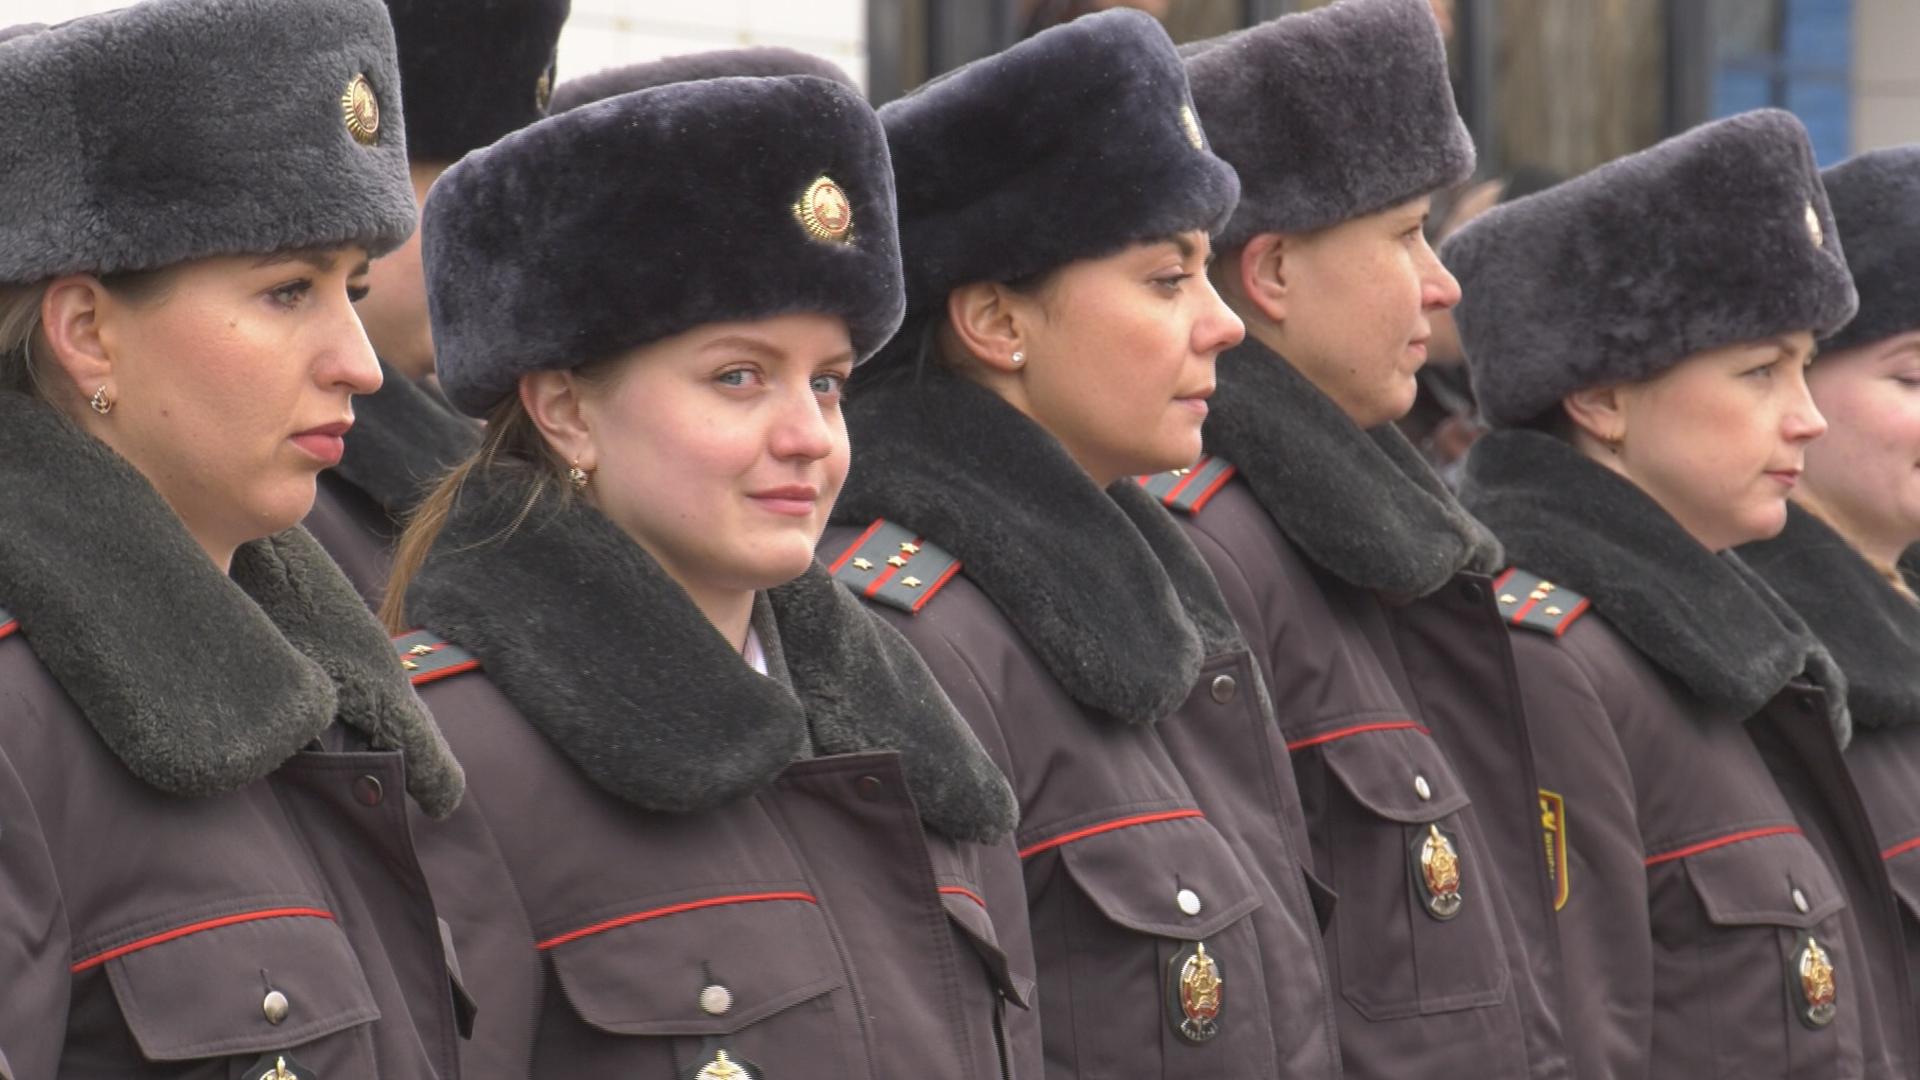 den milicii - Торжества по случаю Дня милиции прошли в Витебске (видео)